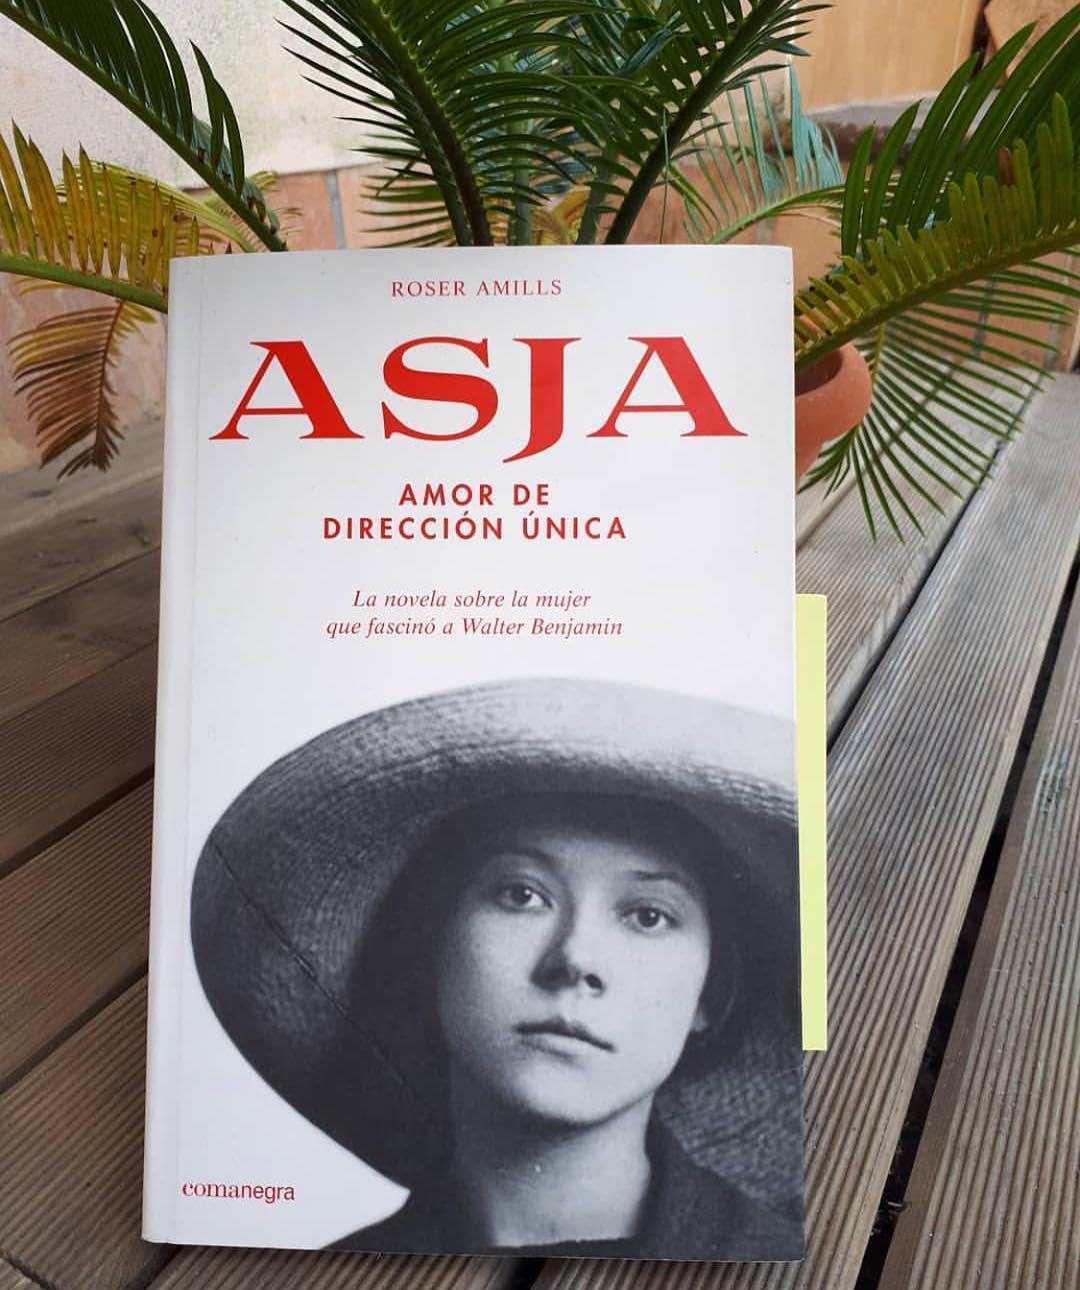 Qué alegría me das, @crisis_alonso, con esta foto de tu nueva lectura: gracias por querer conocer a #asjalacis :))